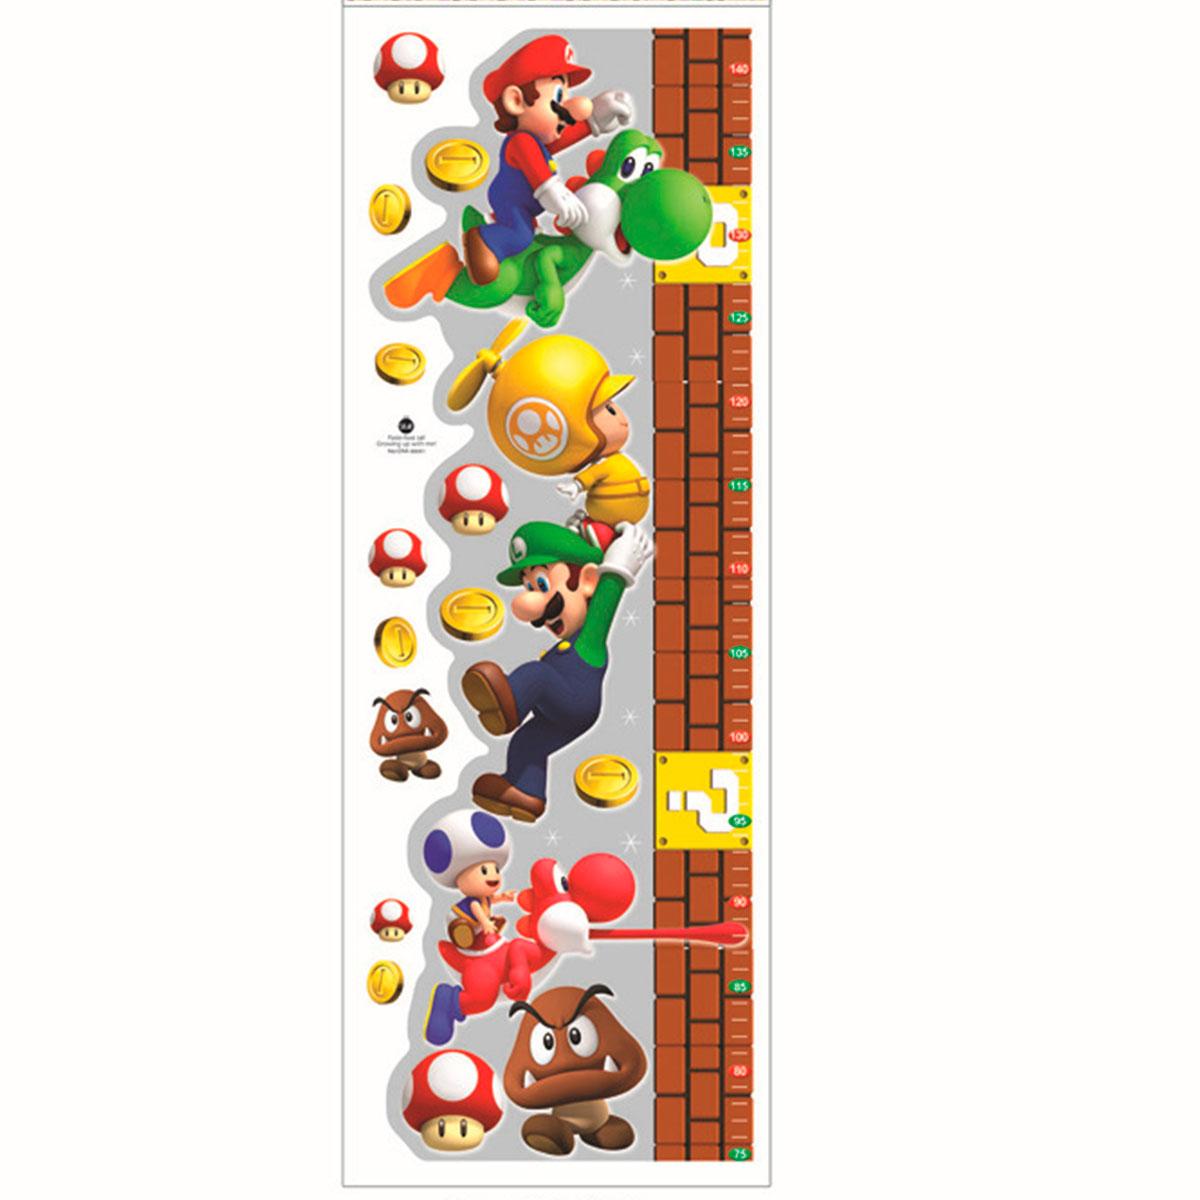 Adesivo Emagrecedor Funciona ~ NerdMania Home& Office Diversos Adesivo de parede Régua de crescimento Super Mario